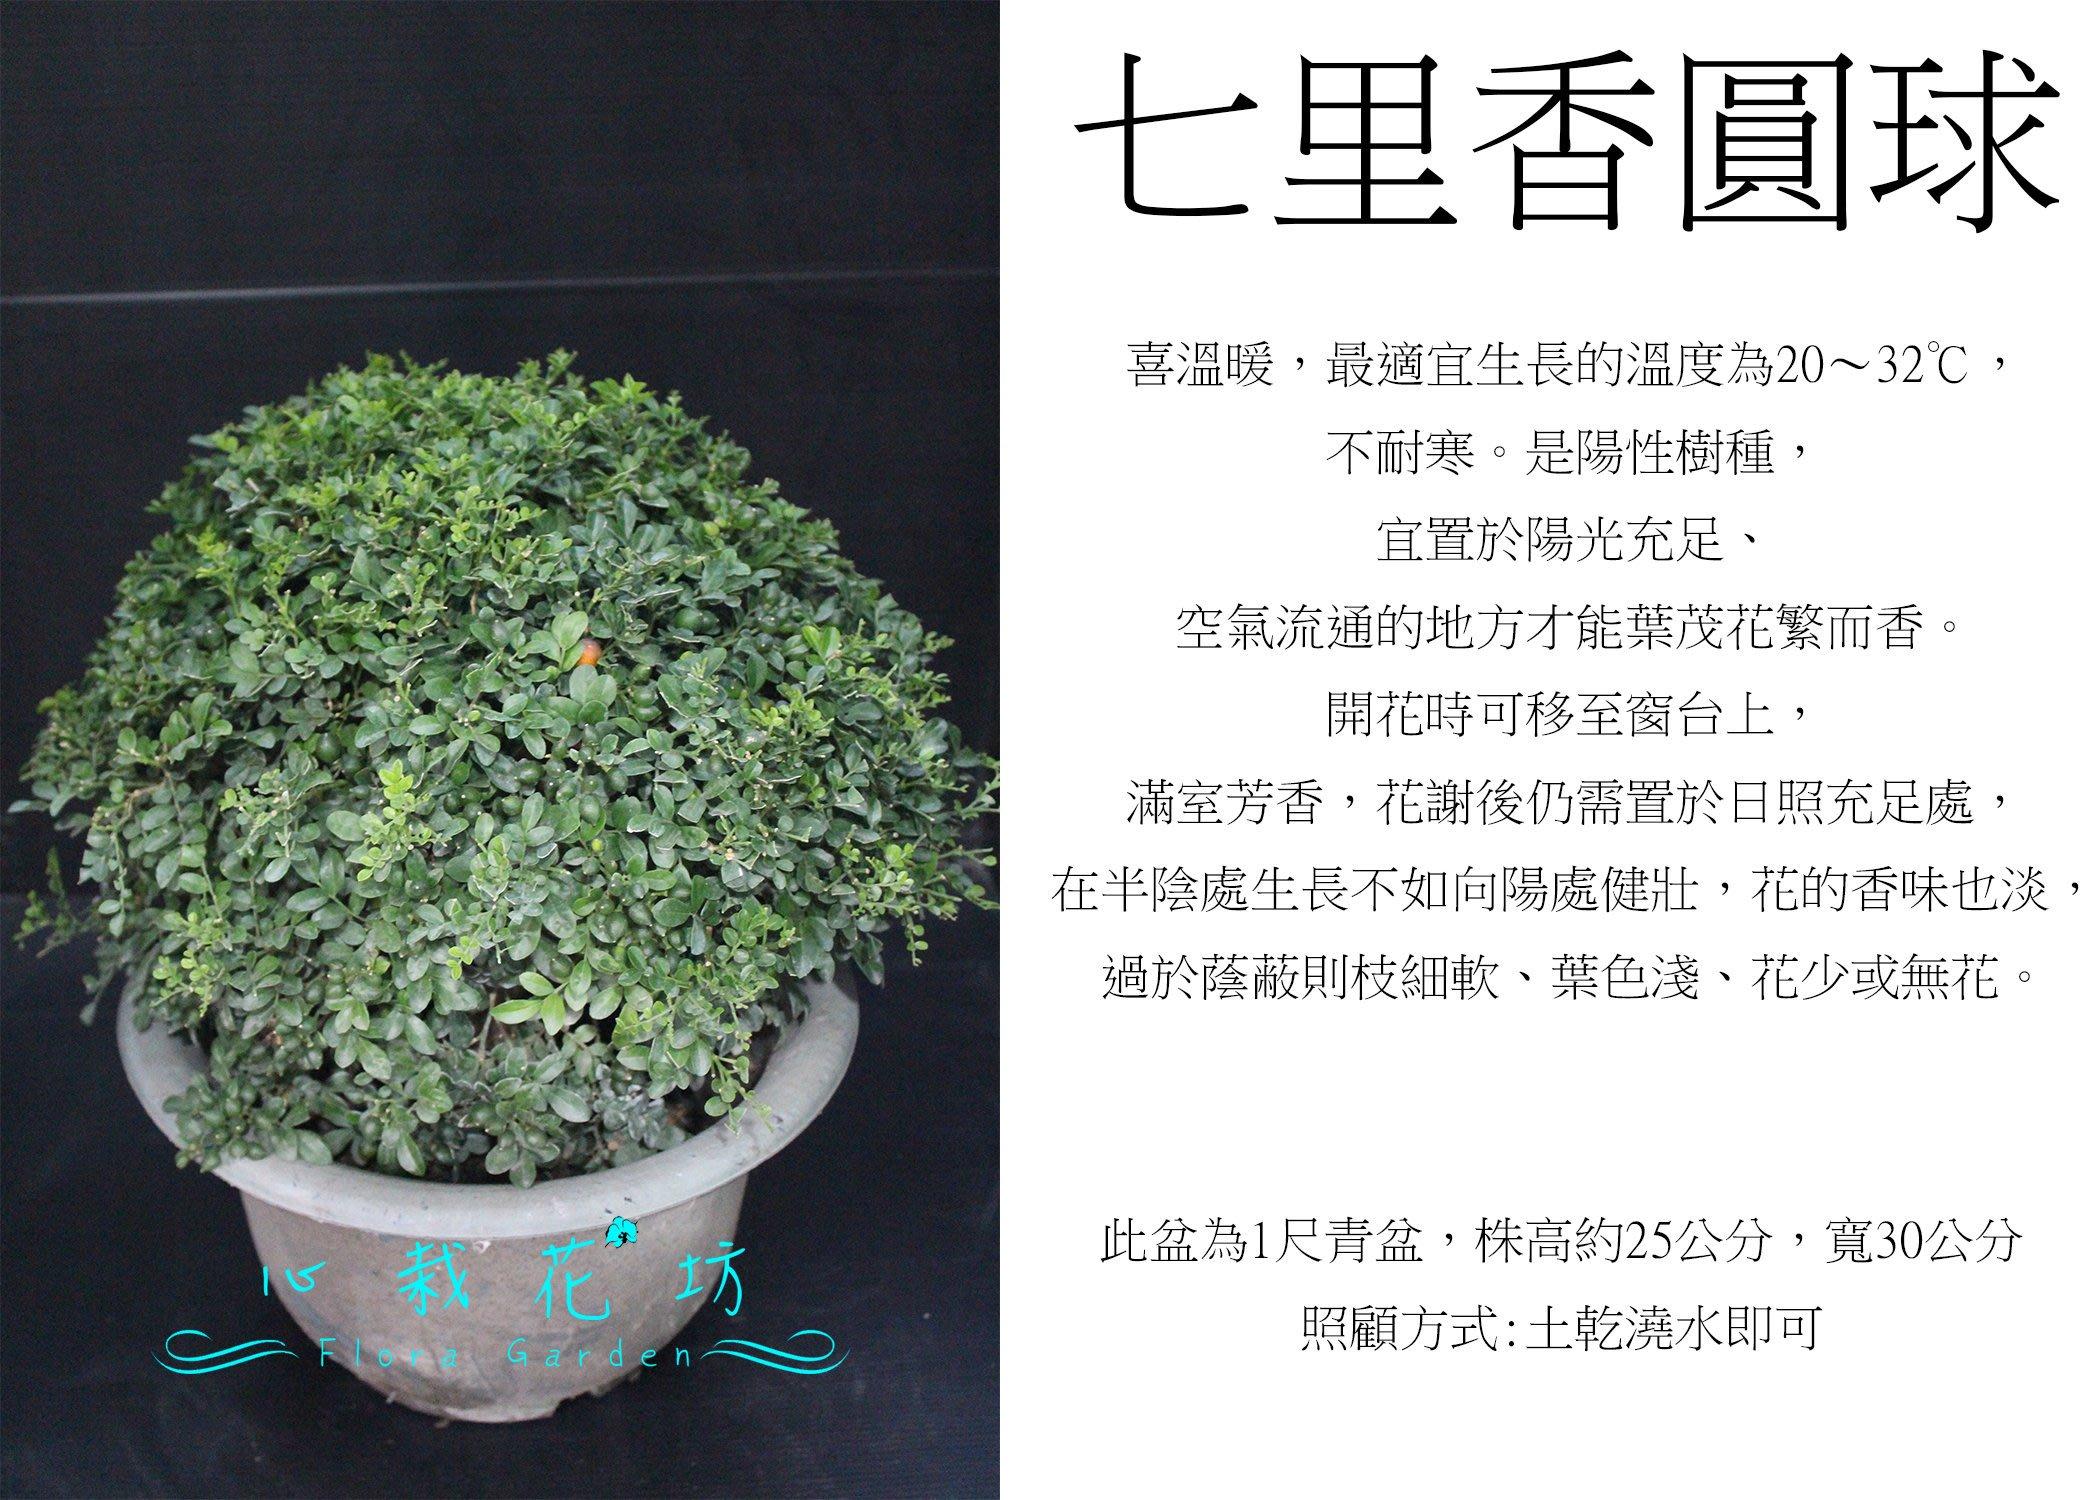 心栽花坊-細葉七里香/七里香/波波球/圓球/寬30cm/綠籬植物/圓球/造型樹/特售/售價360特價300